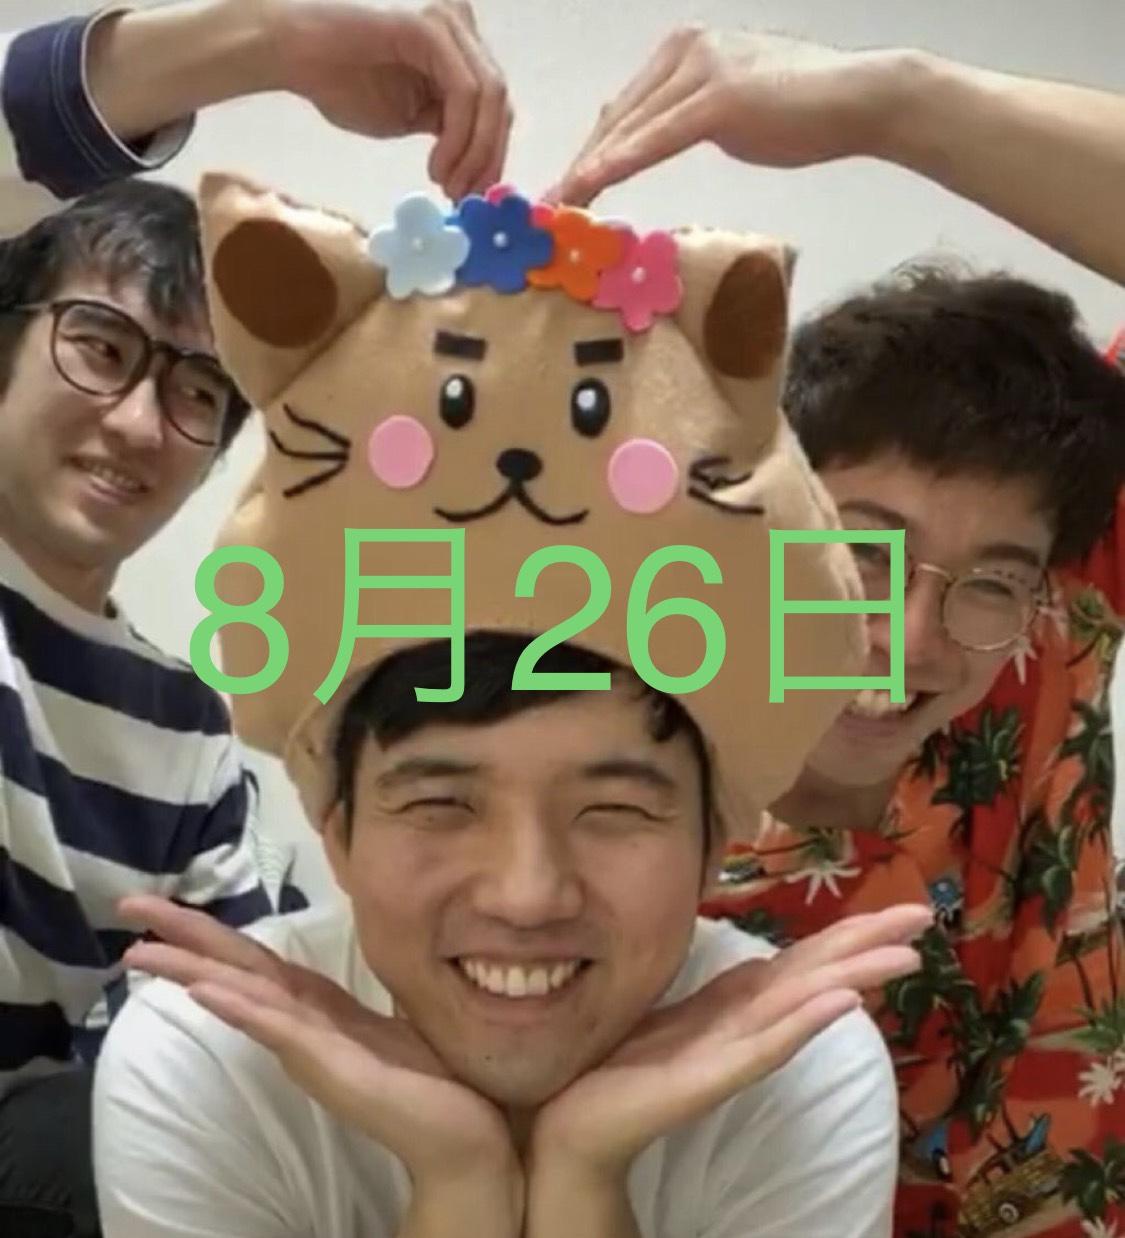 【劇場】8月26日大ちゃんのルームシェアメンバーを知ろう!